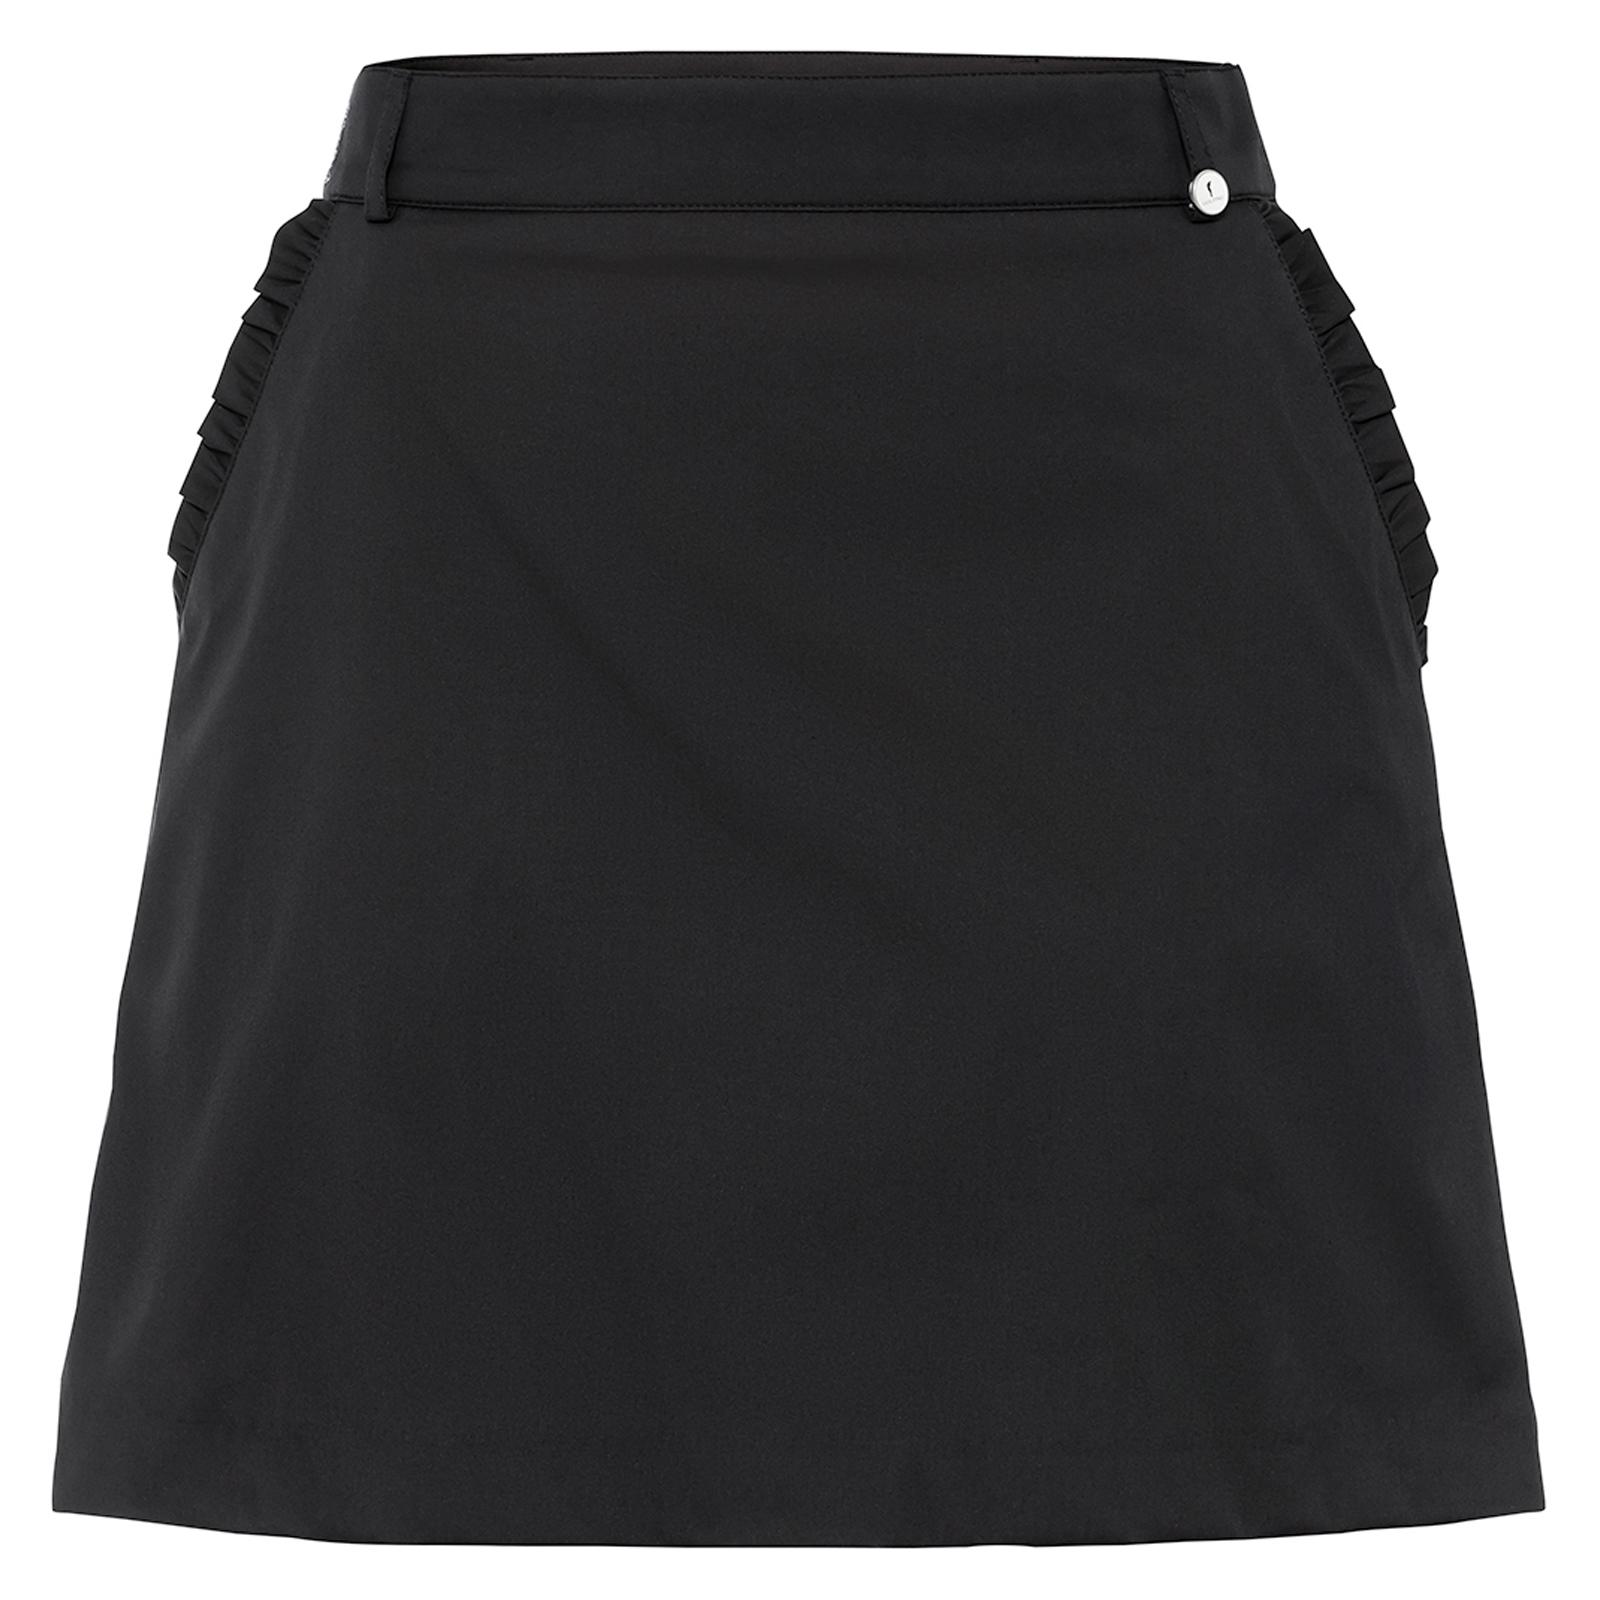 Damen Golfskort kurz mit Stretch Komfort und innenliegender Hose in Slim Fit